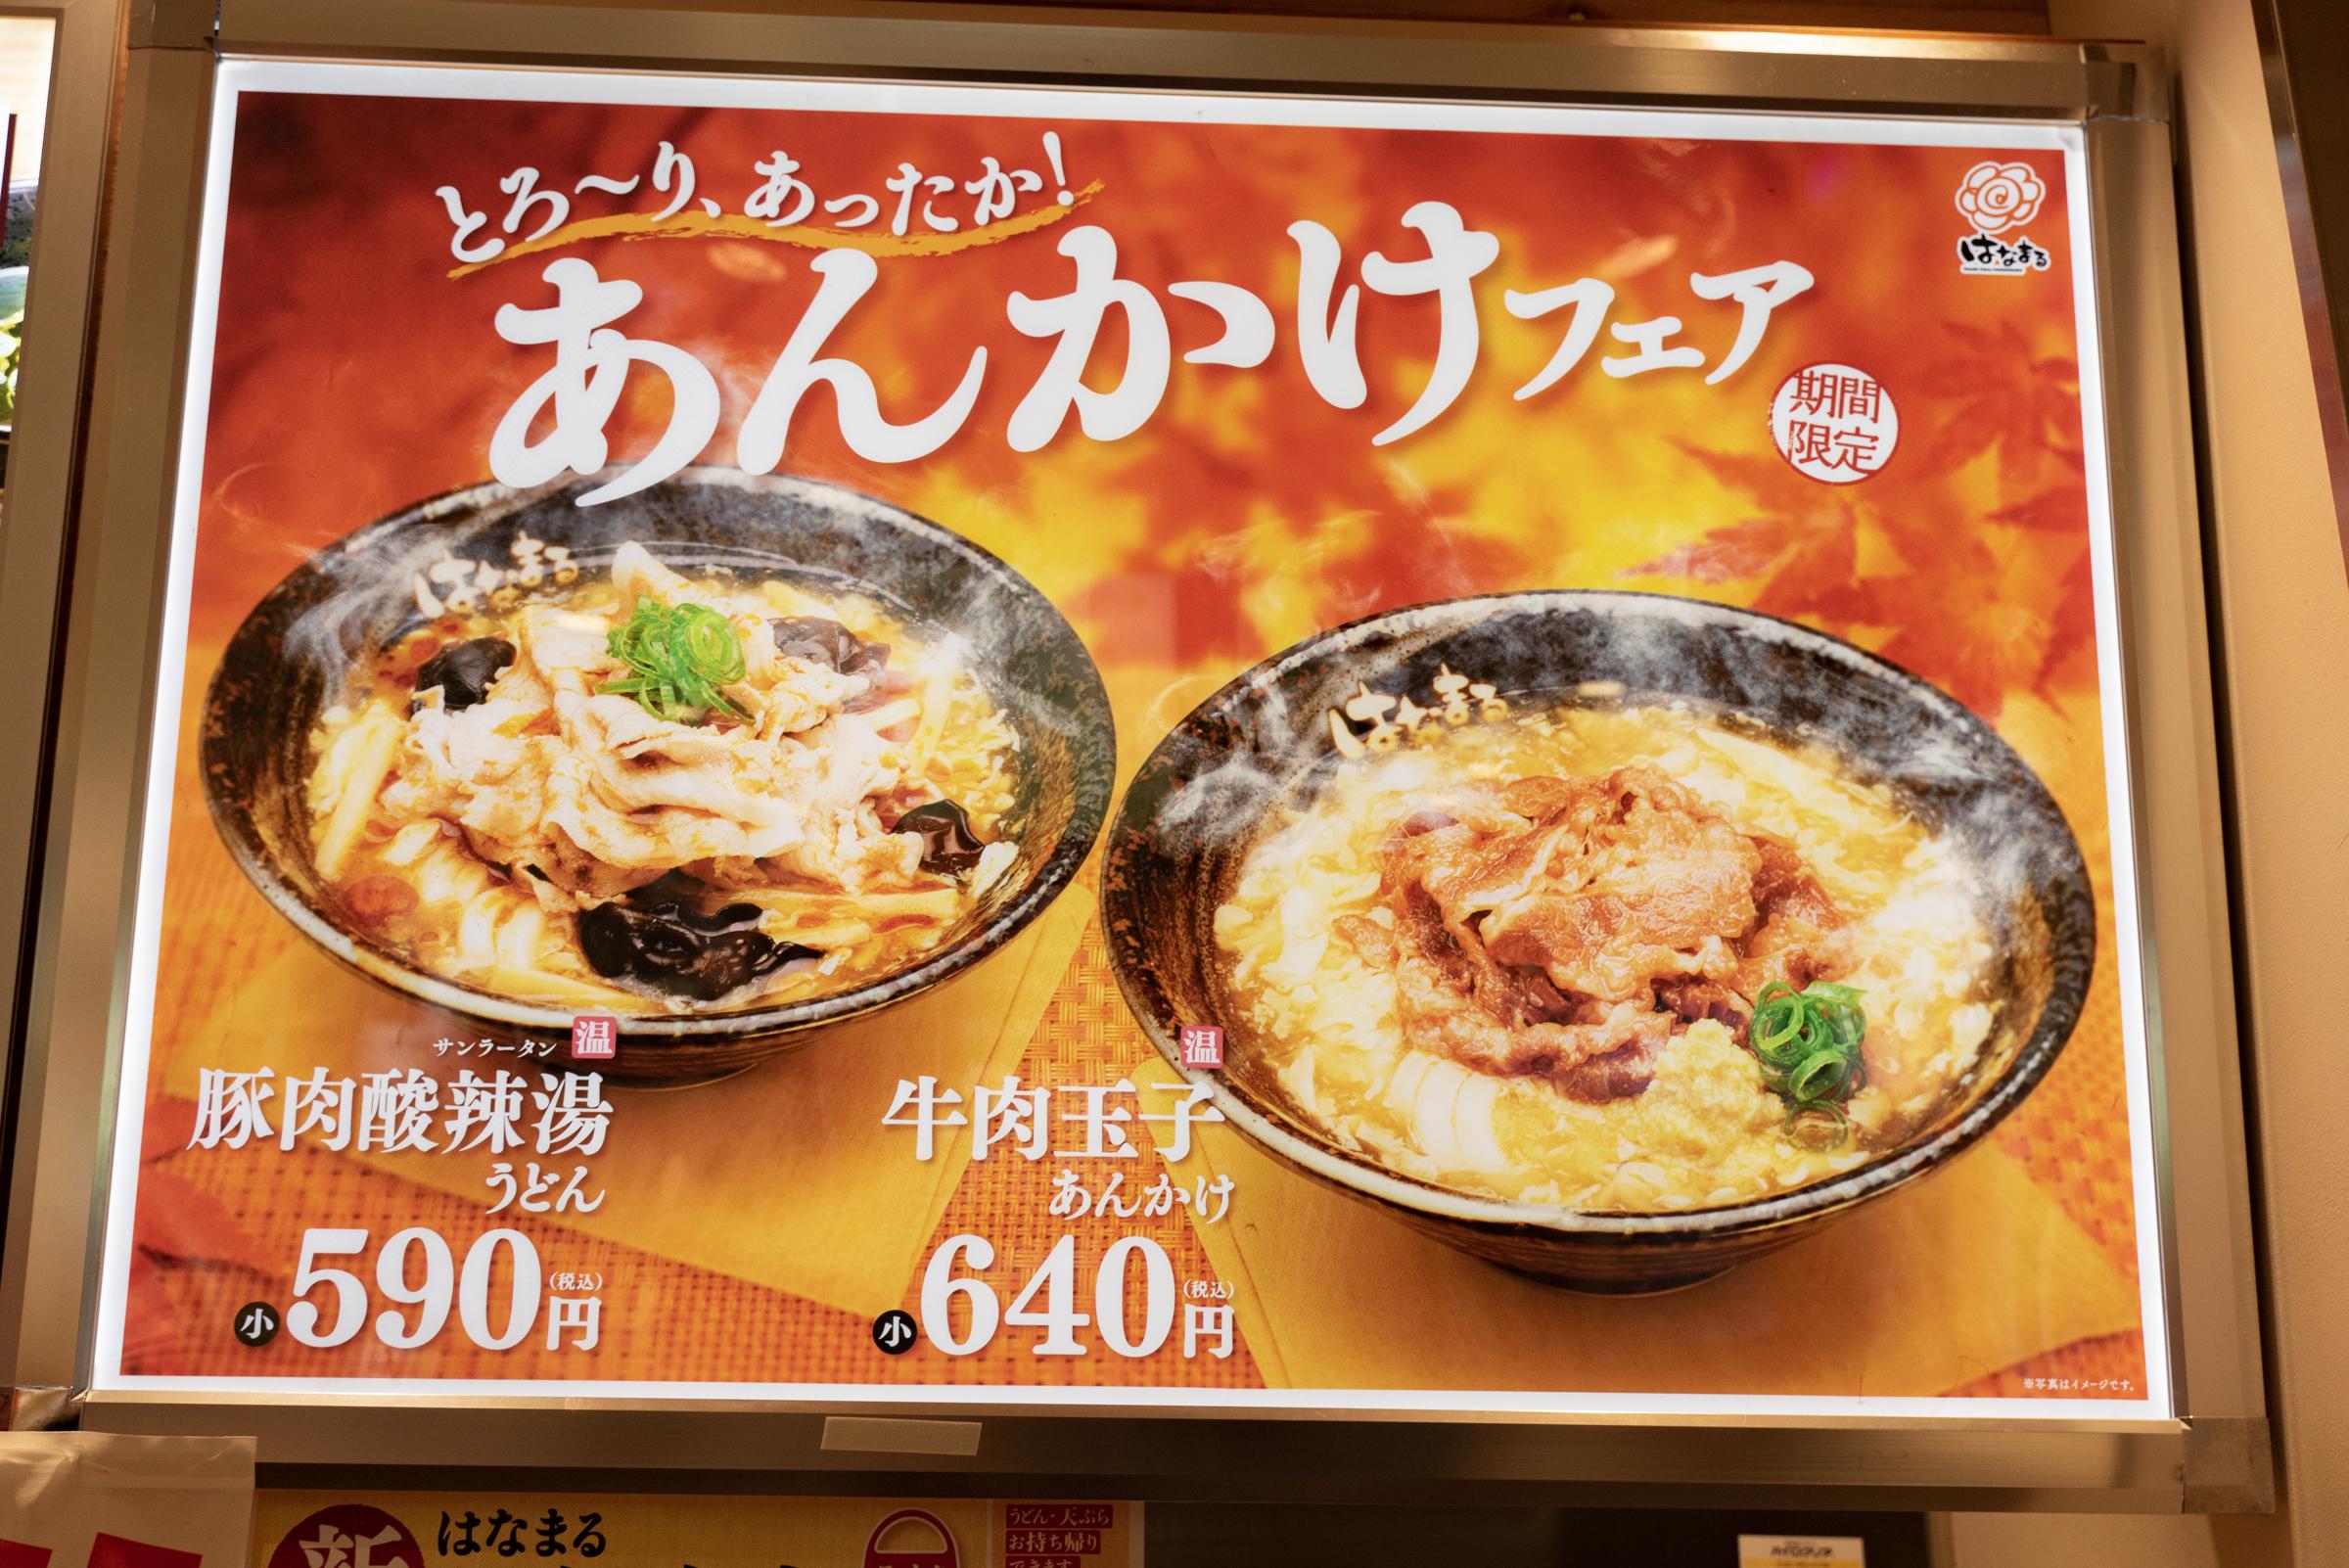 はなまるうどんの新商品「豚肉酸辣湯うどん」と「牛肉玉子あんかけ」を食べてみた → 酸辣湯の酸味と辛さがガチだった